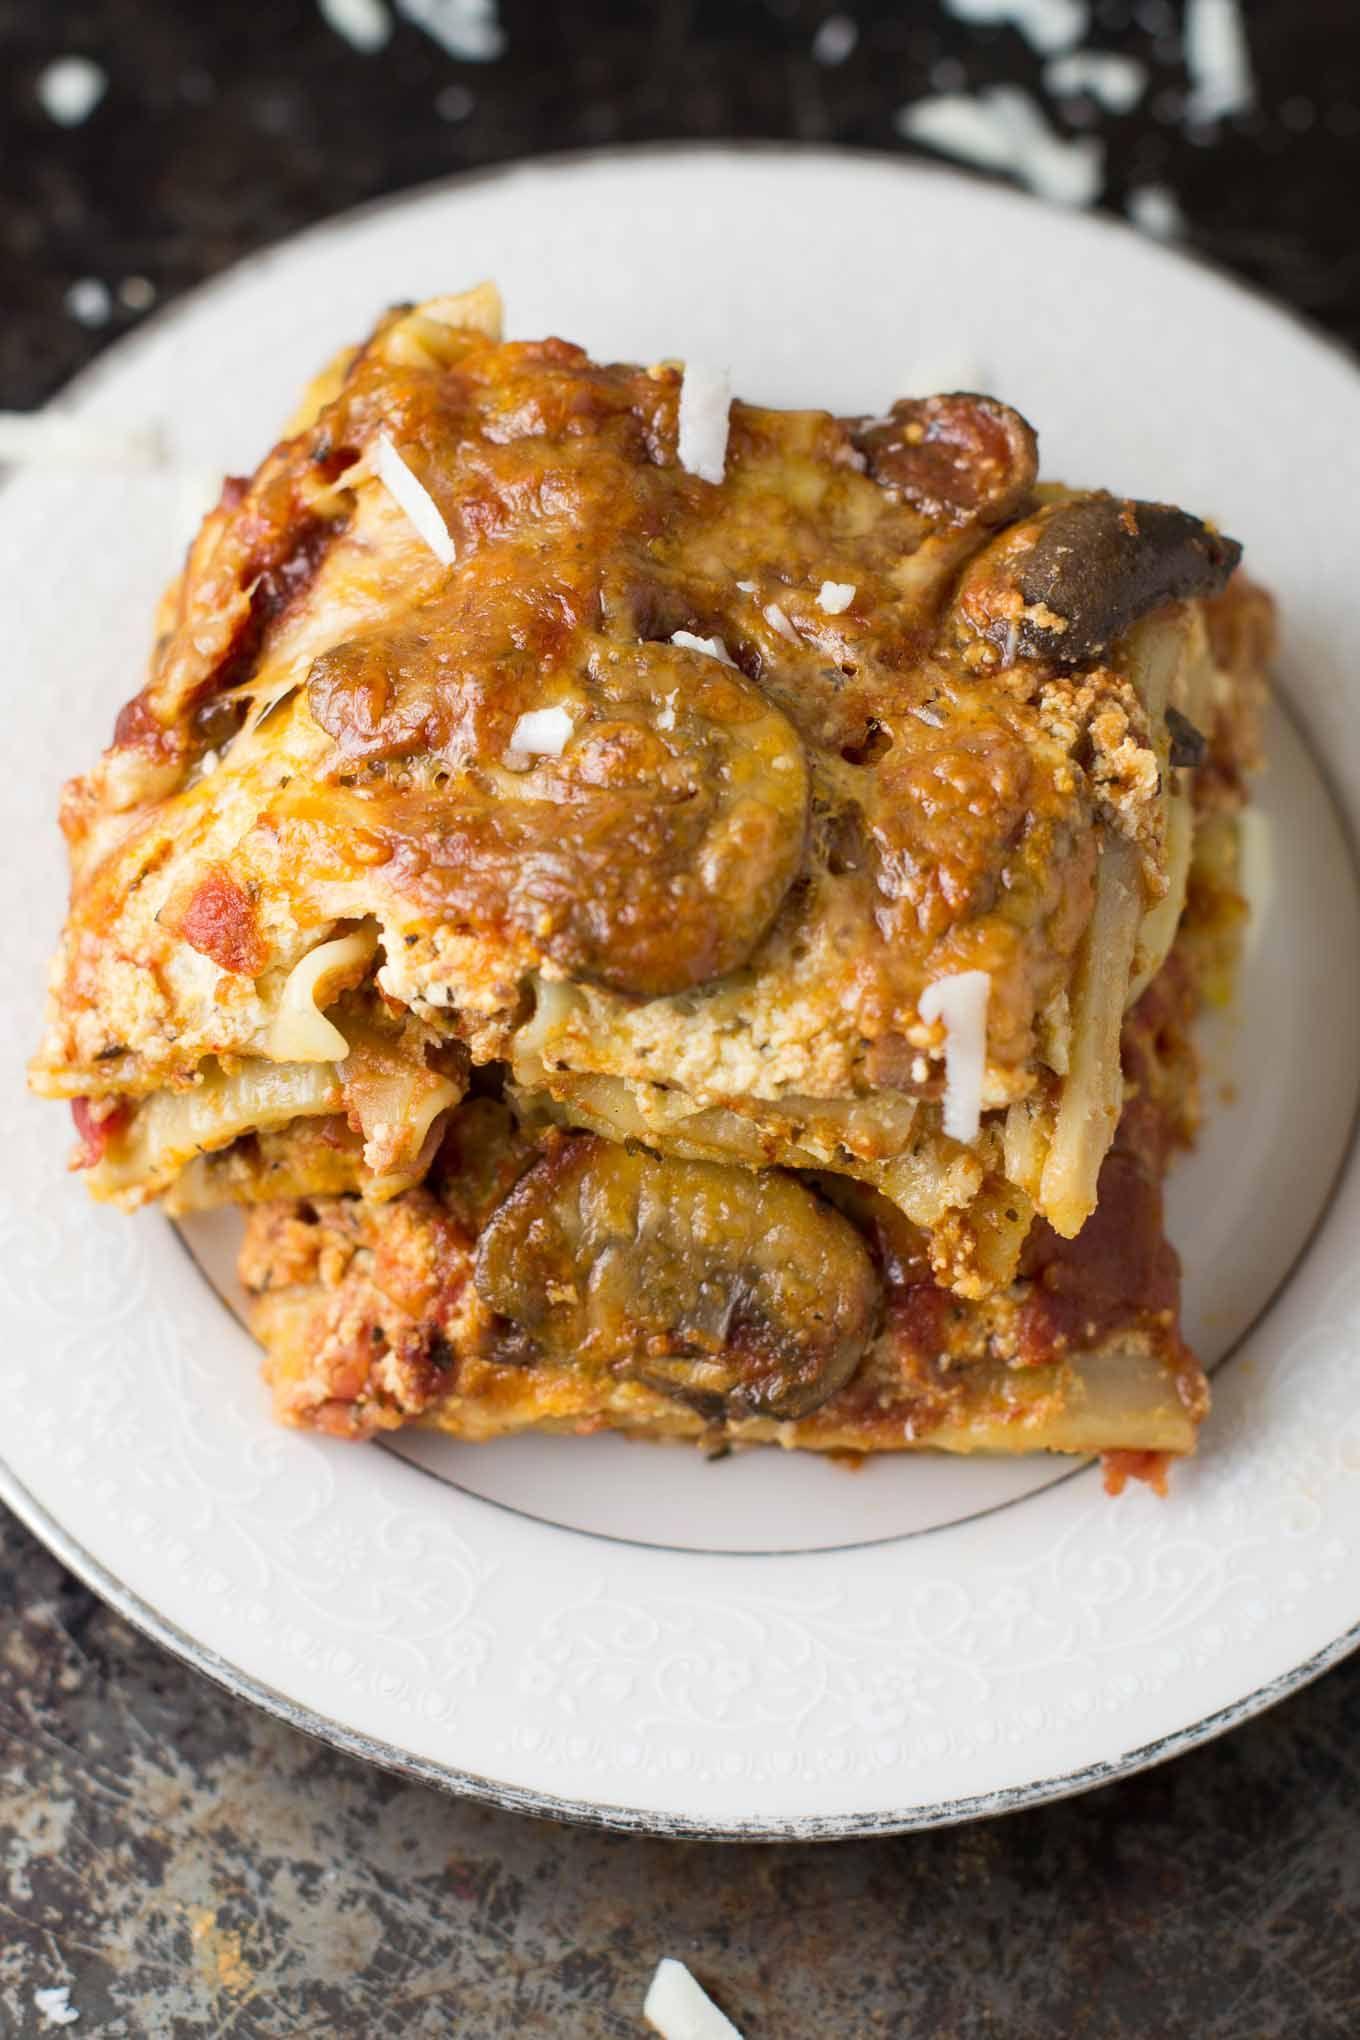 Best Ever Mushroom Lasagna Recipe Layers Of Juicy Mushrooms